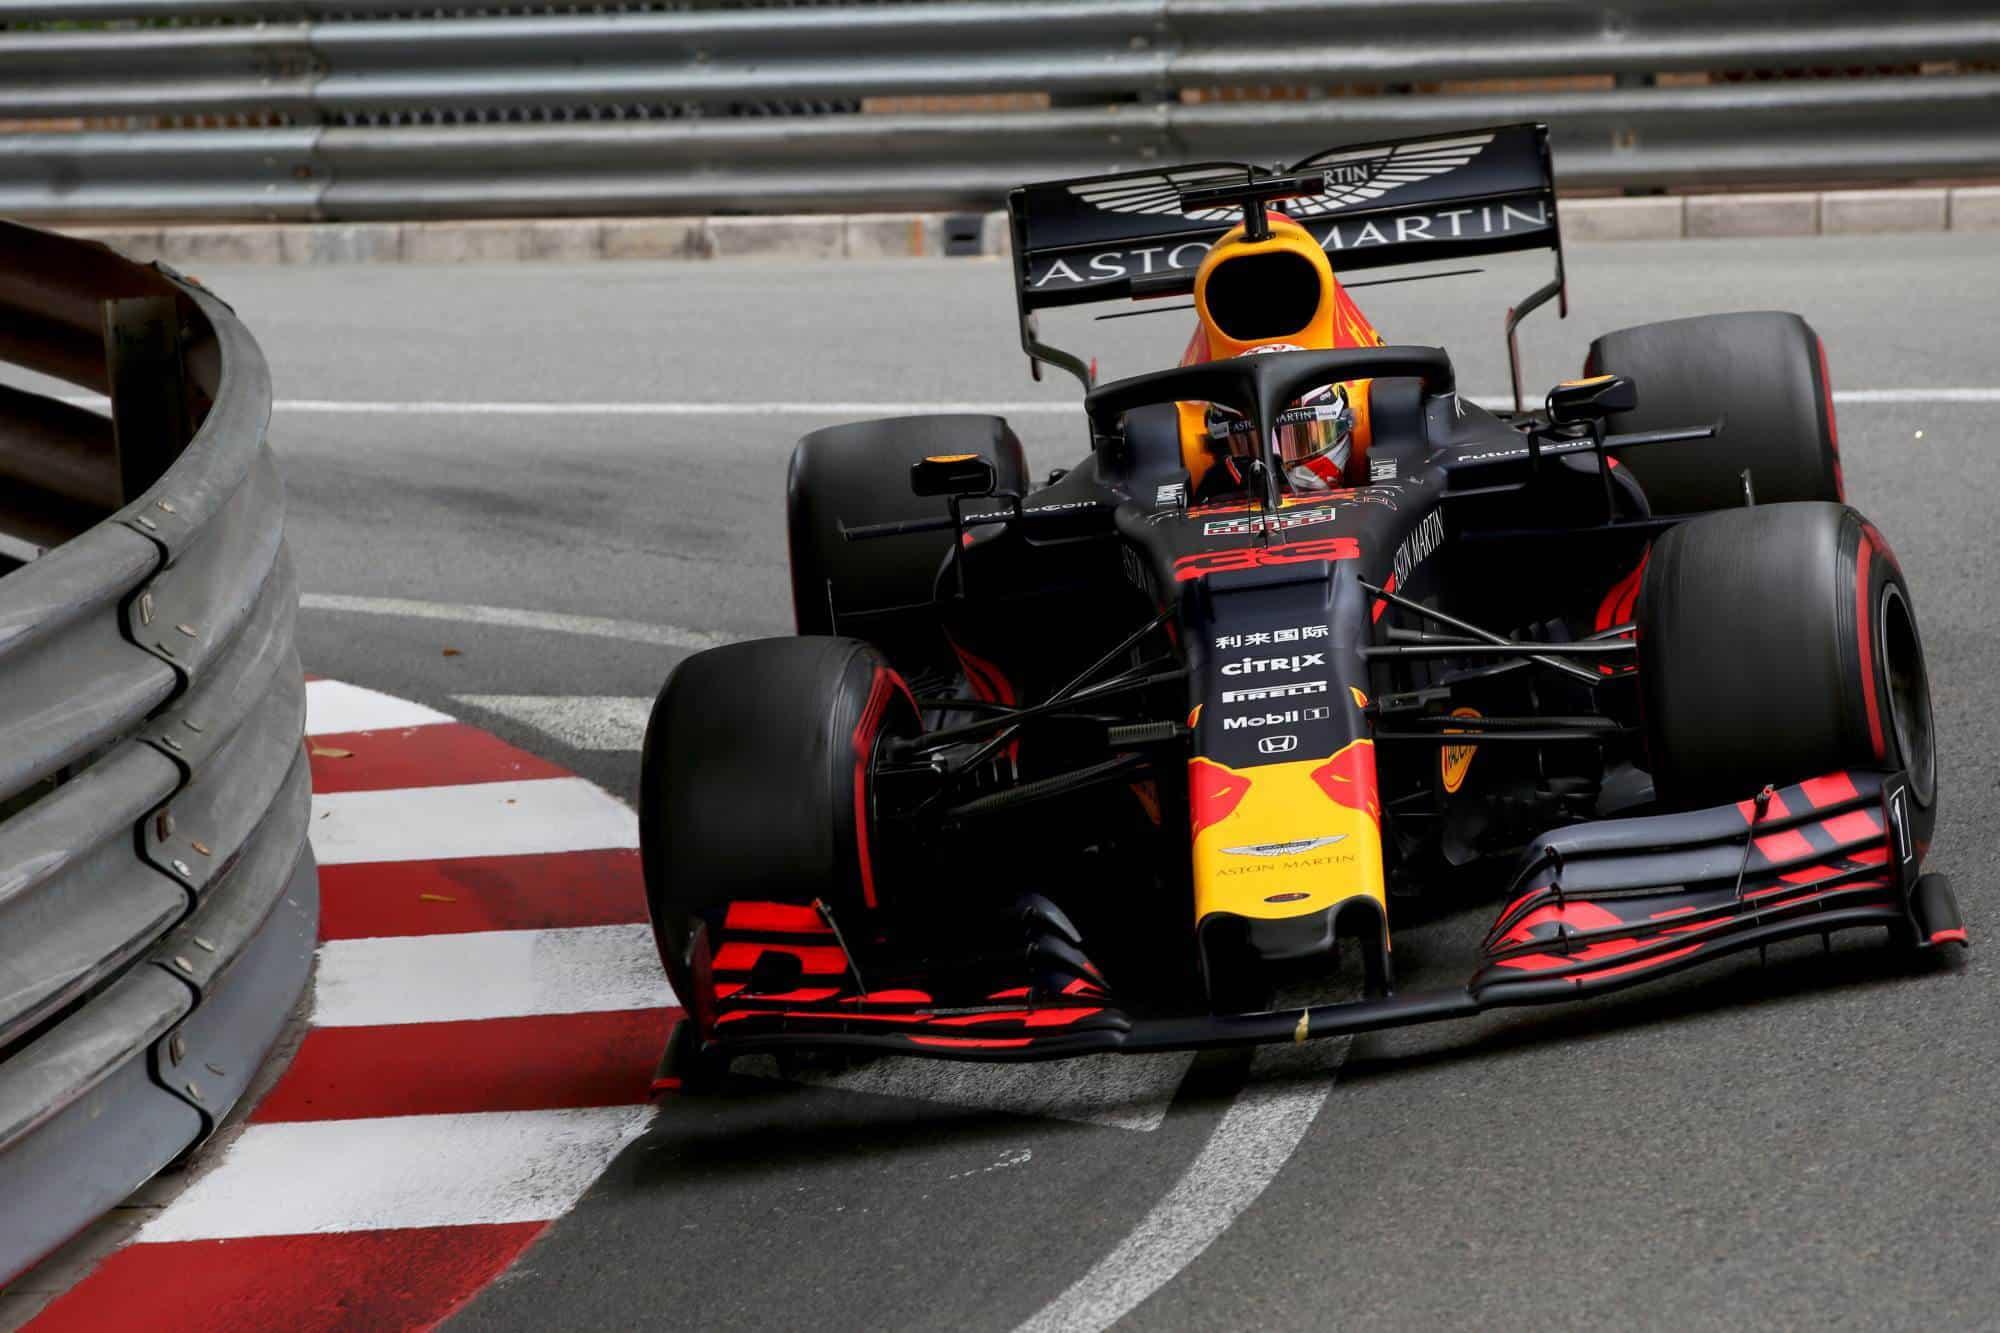 Max Verstappen Red Bull RB15 Monaco GP F1 2019 Photo Red Bull